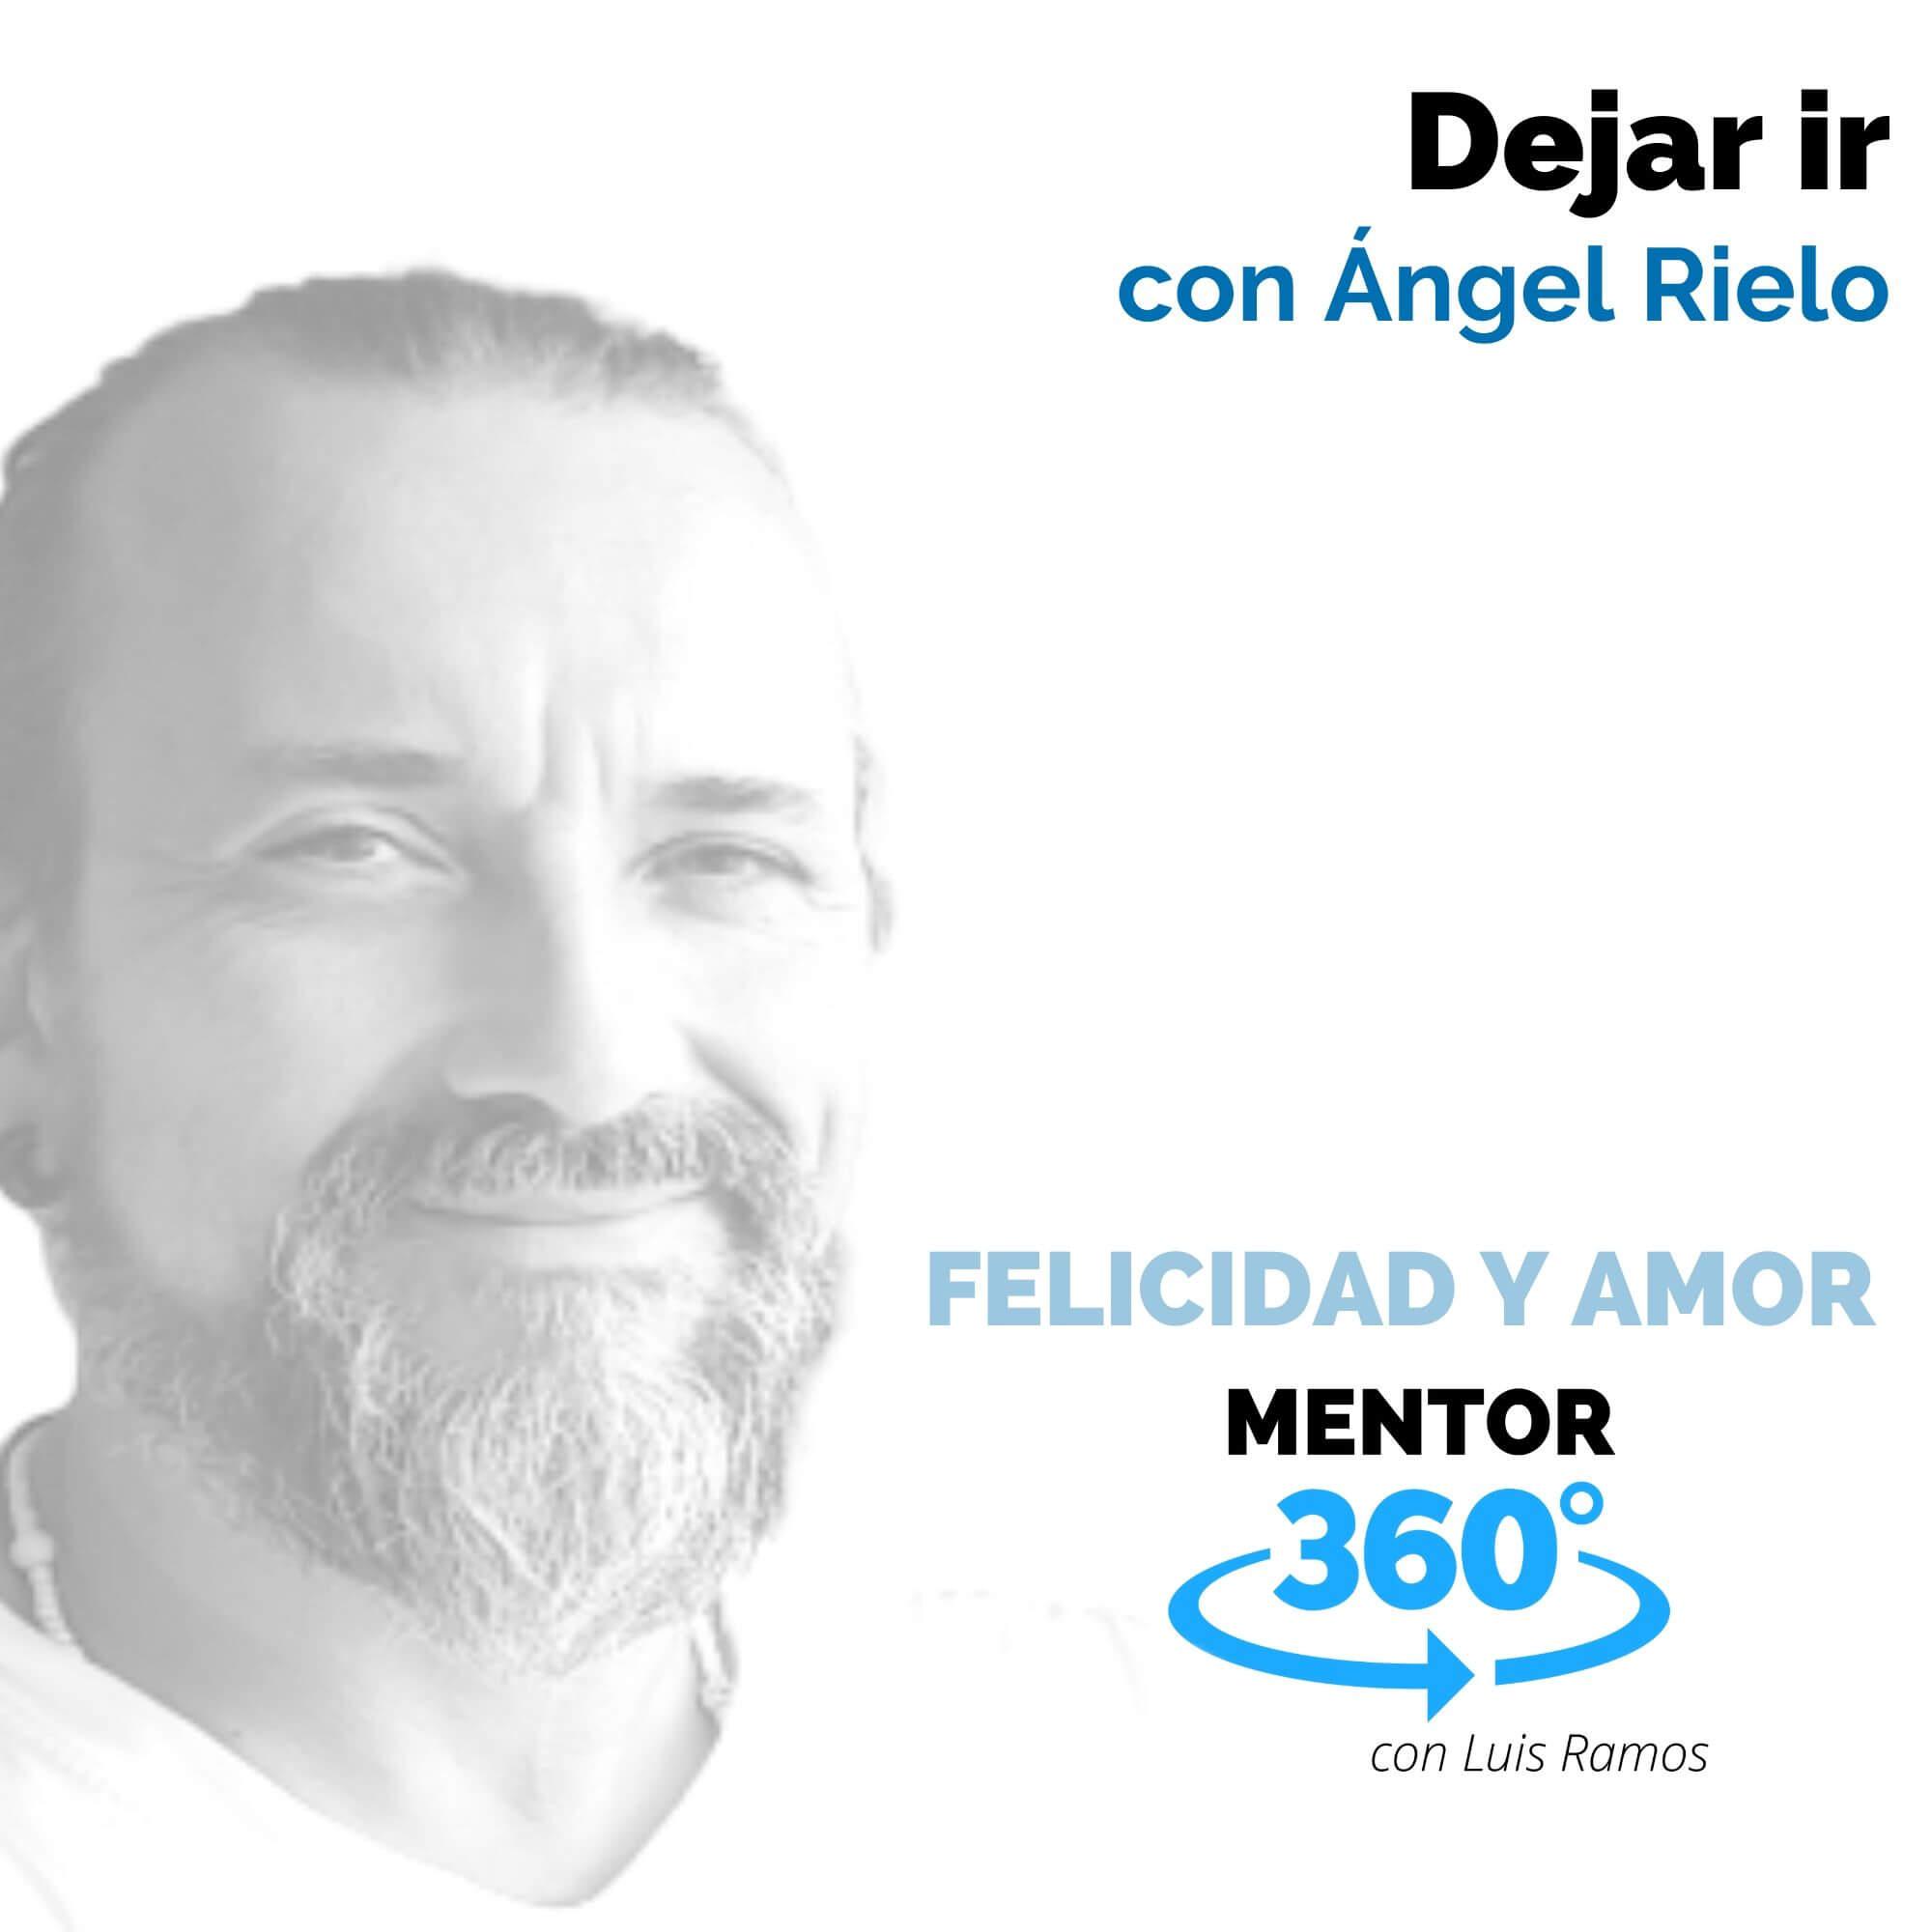 Dejar ir, con Ángel Rielo - FELICIDAD Y AMOR